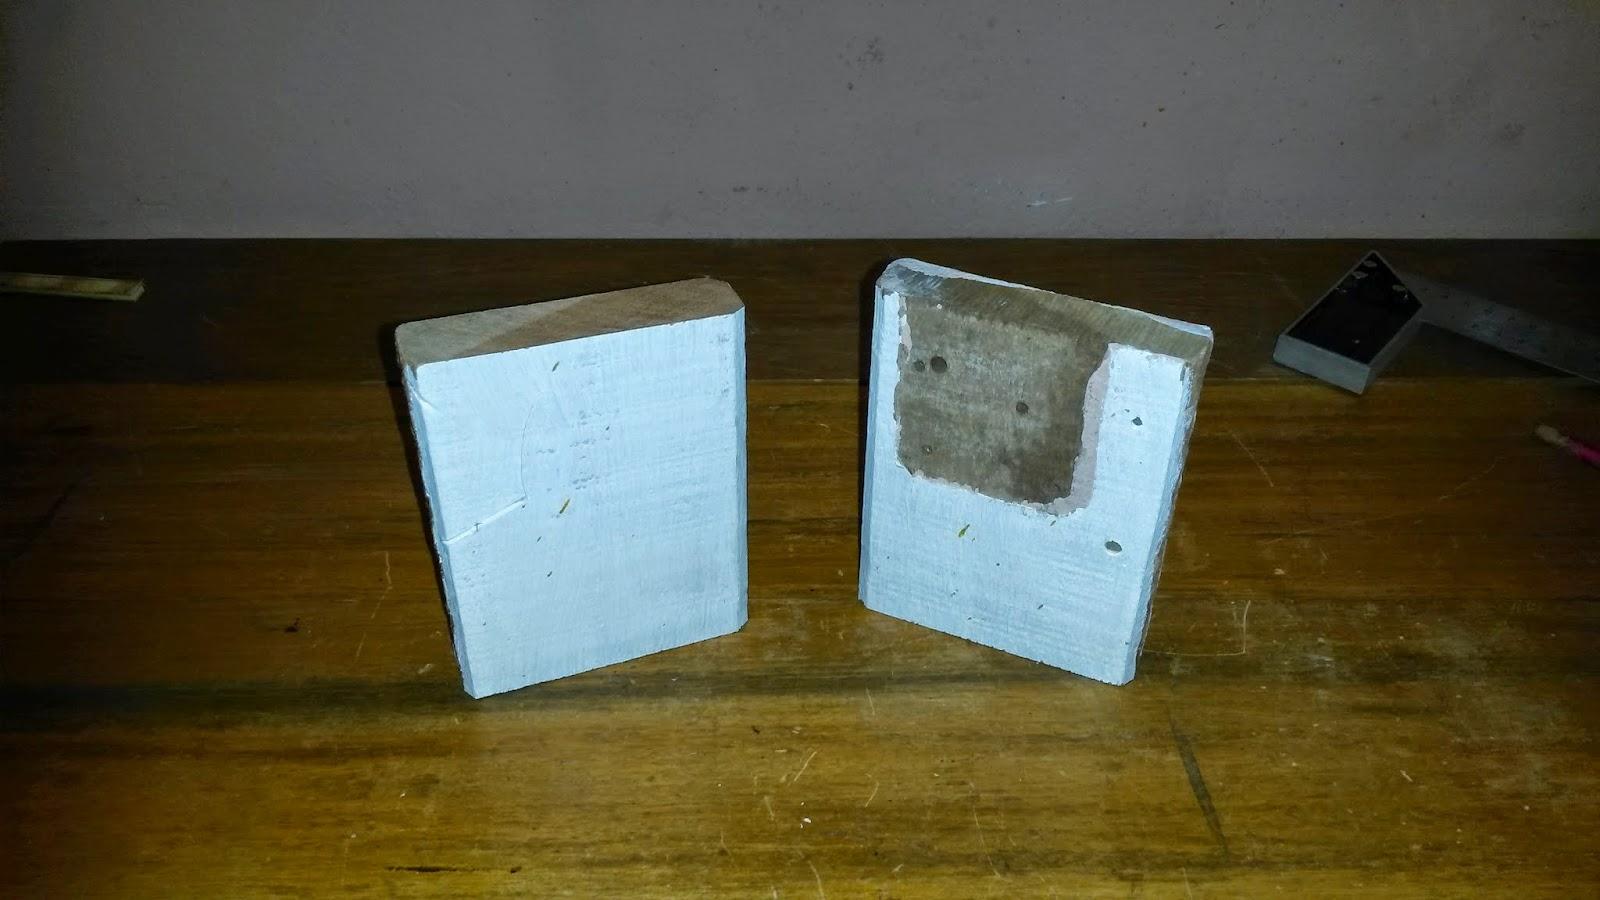 Oficina do Quintal: Como fazer um mini torno para madeira #5F490C 1600x900